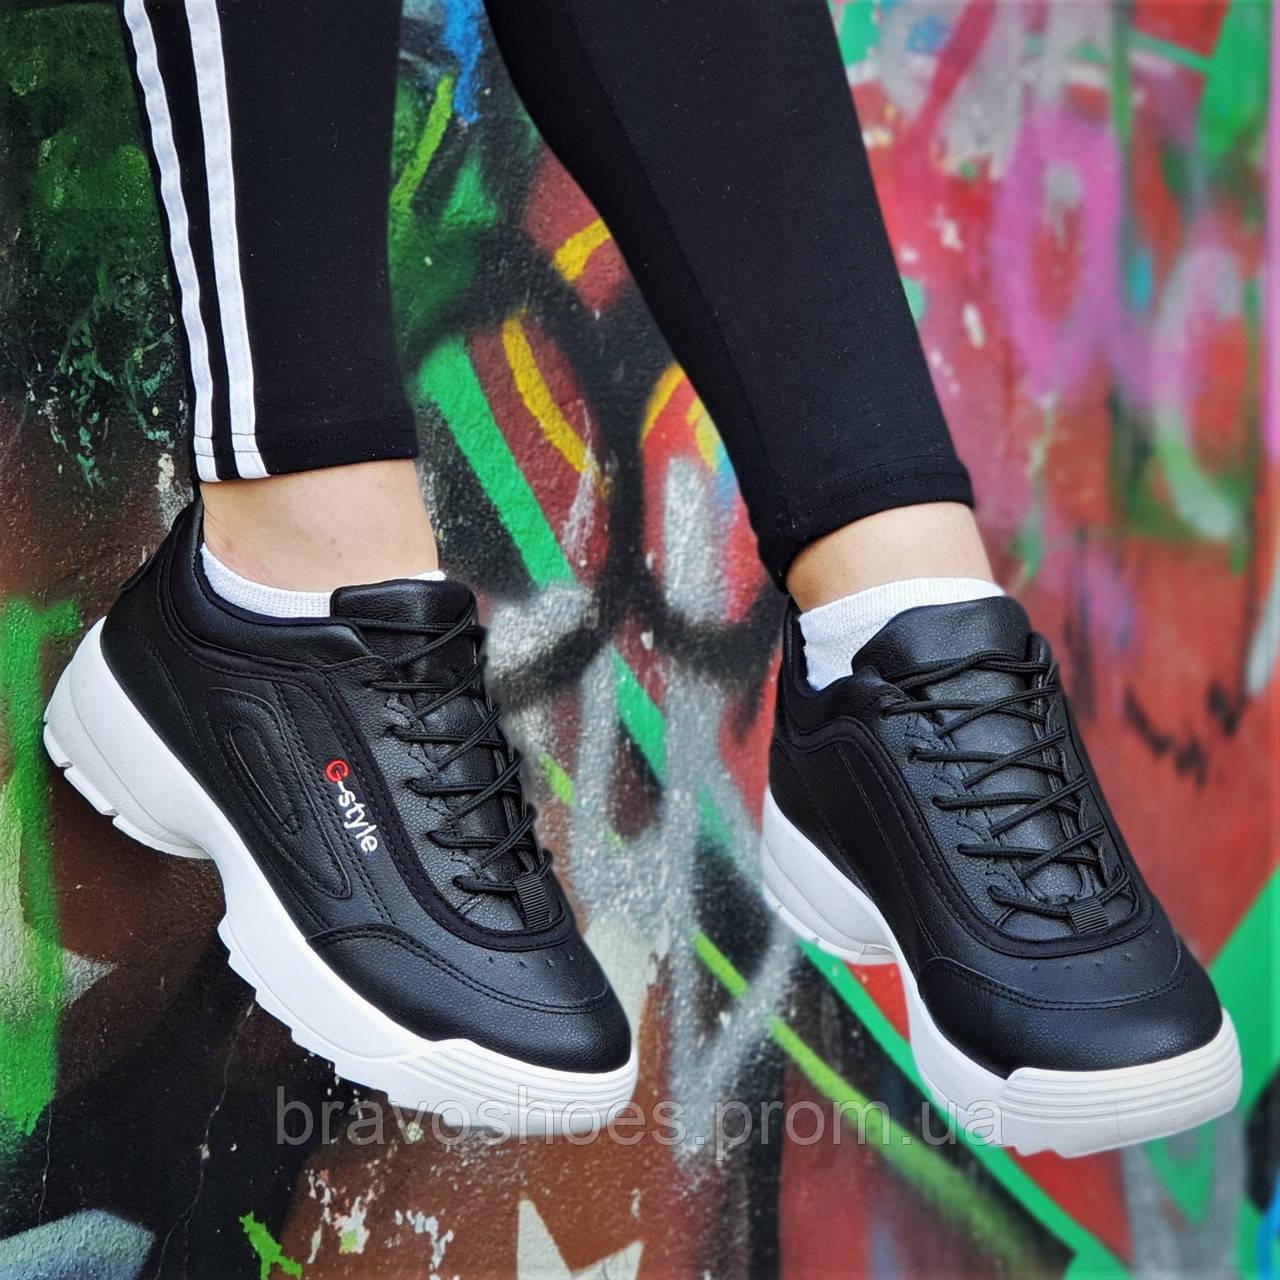 8caf2c1b Кроссовки хайповые на платформе в стиле FILA реплика, женские, подростковые  черные молодежные (Код